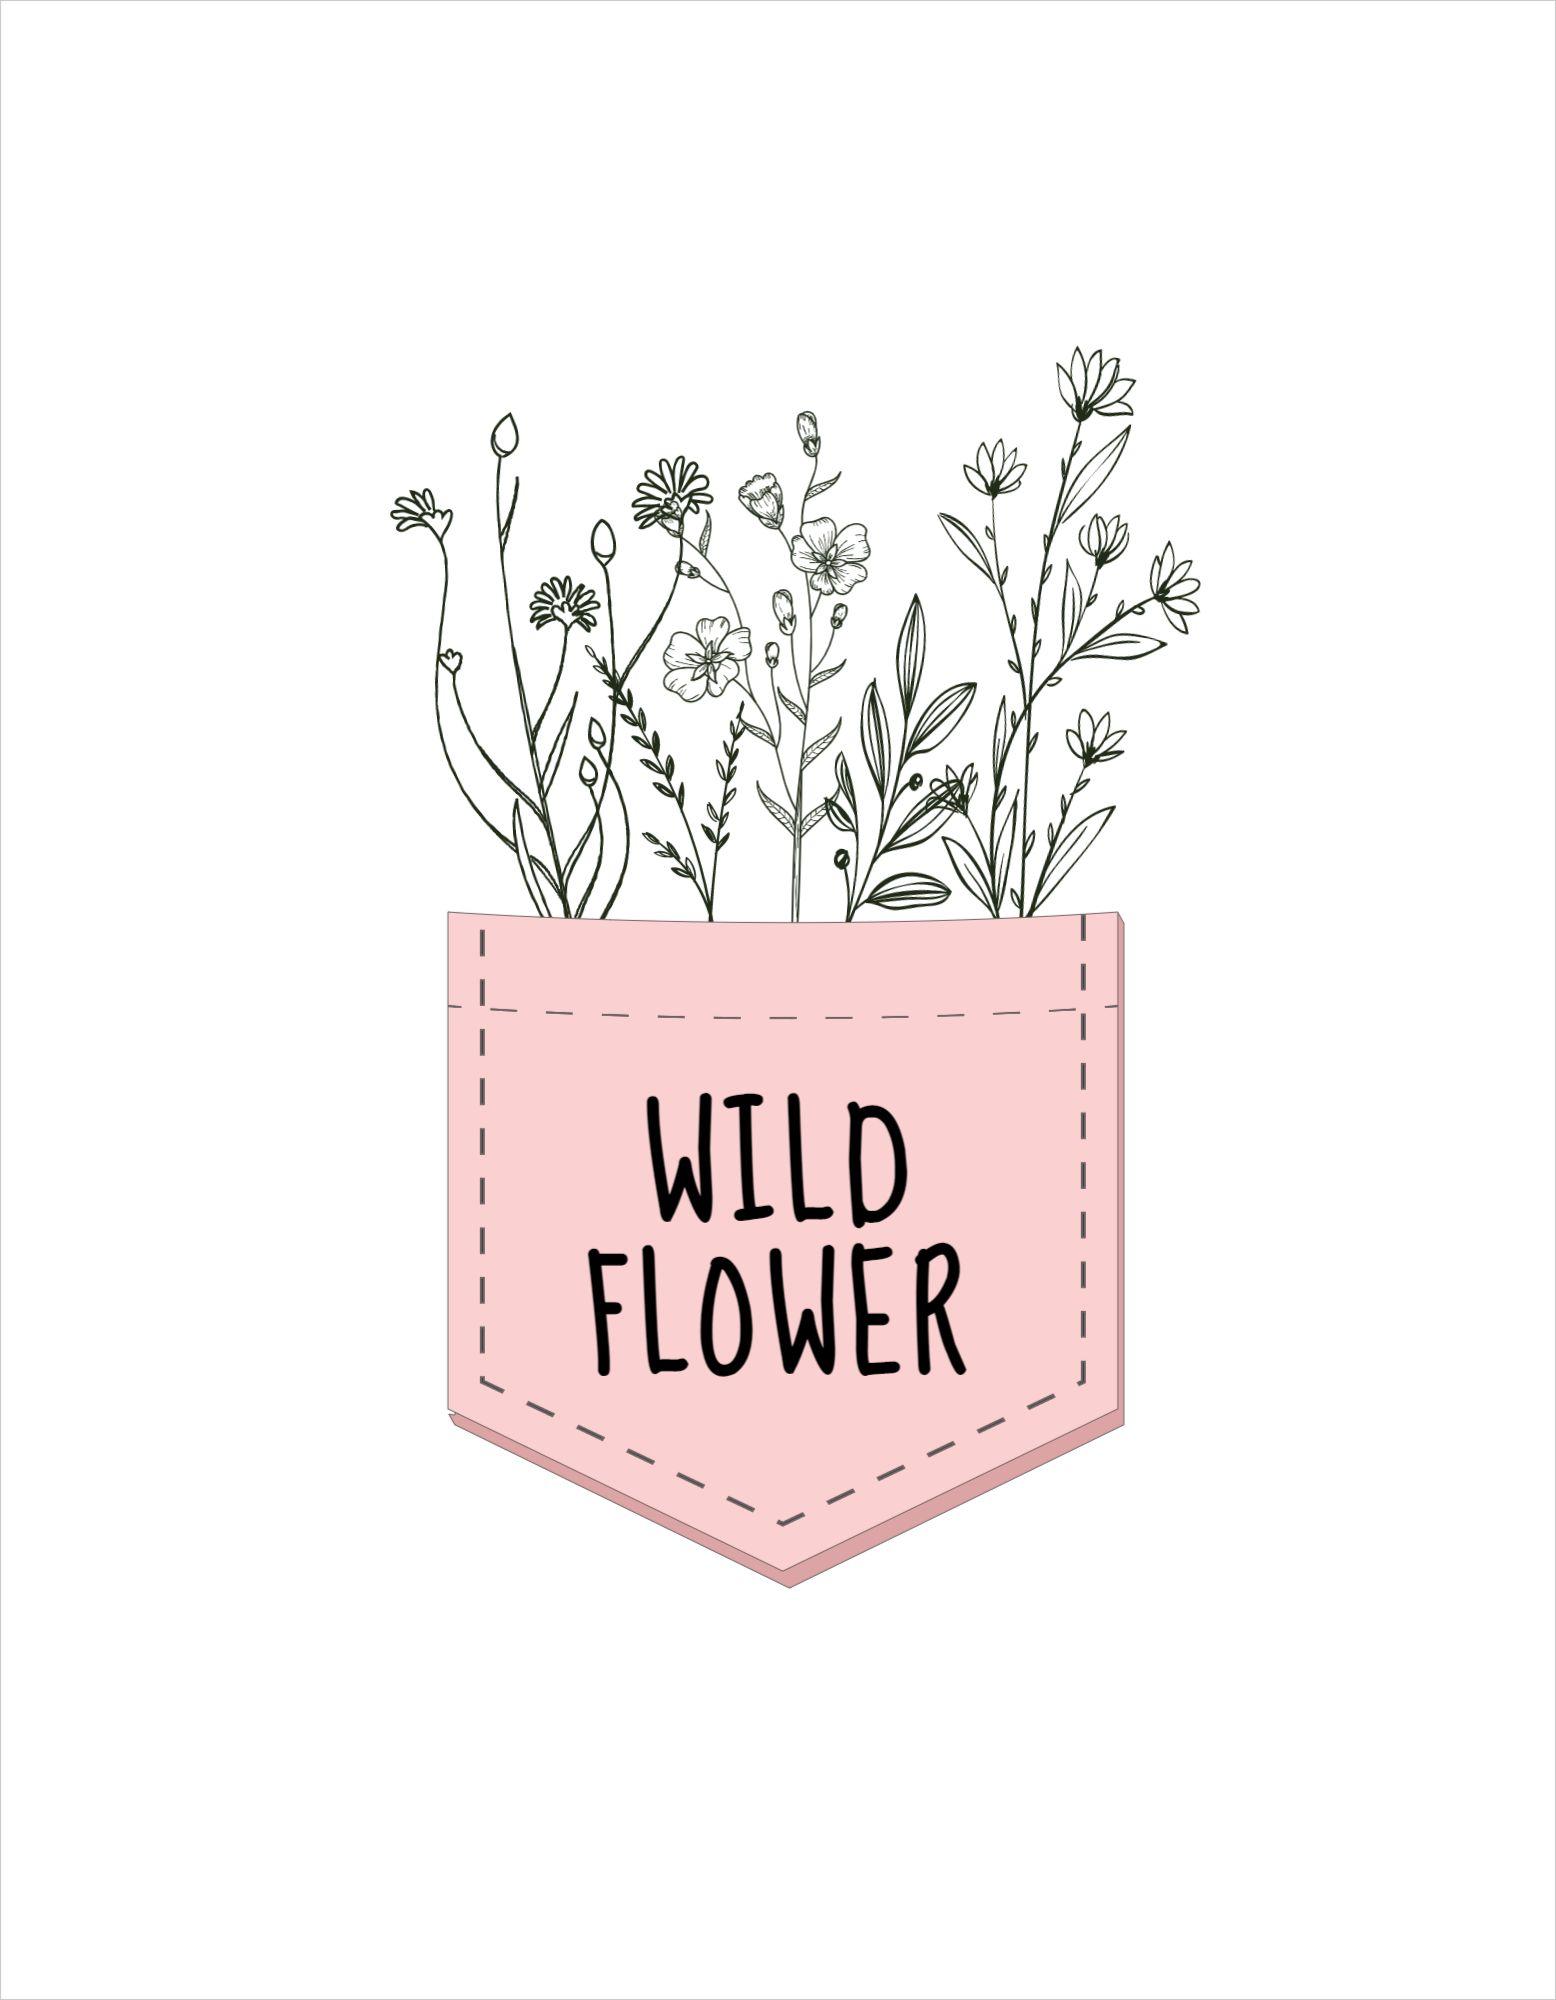 Wild Flower T-Shirt Design Template